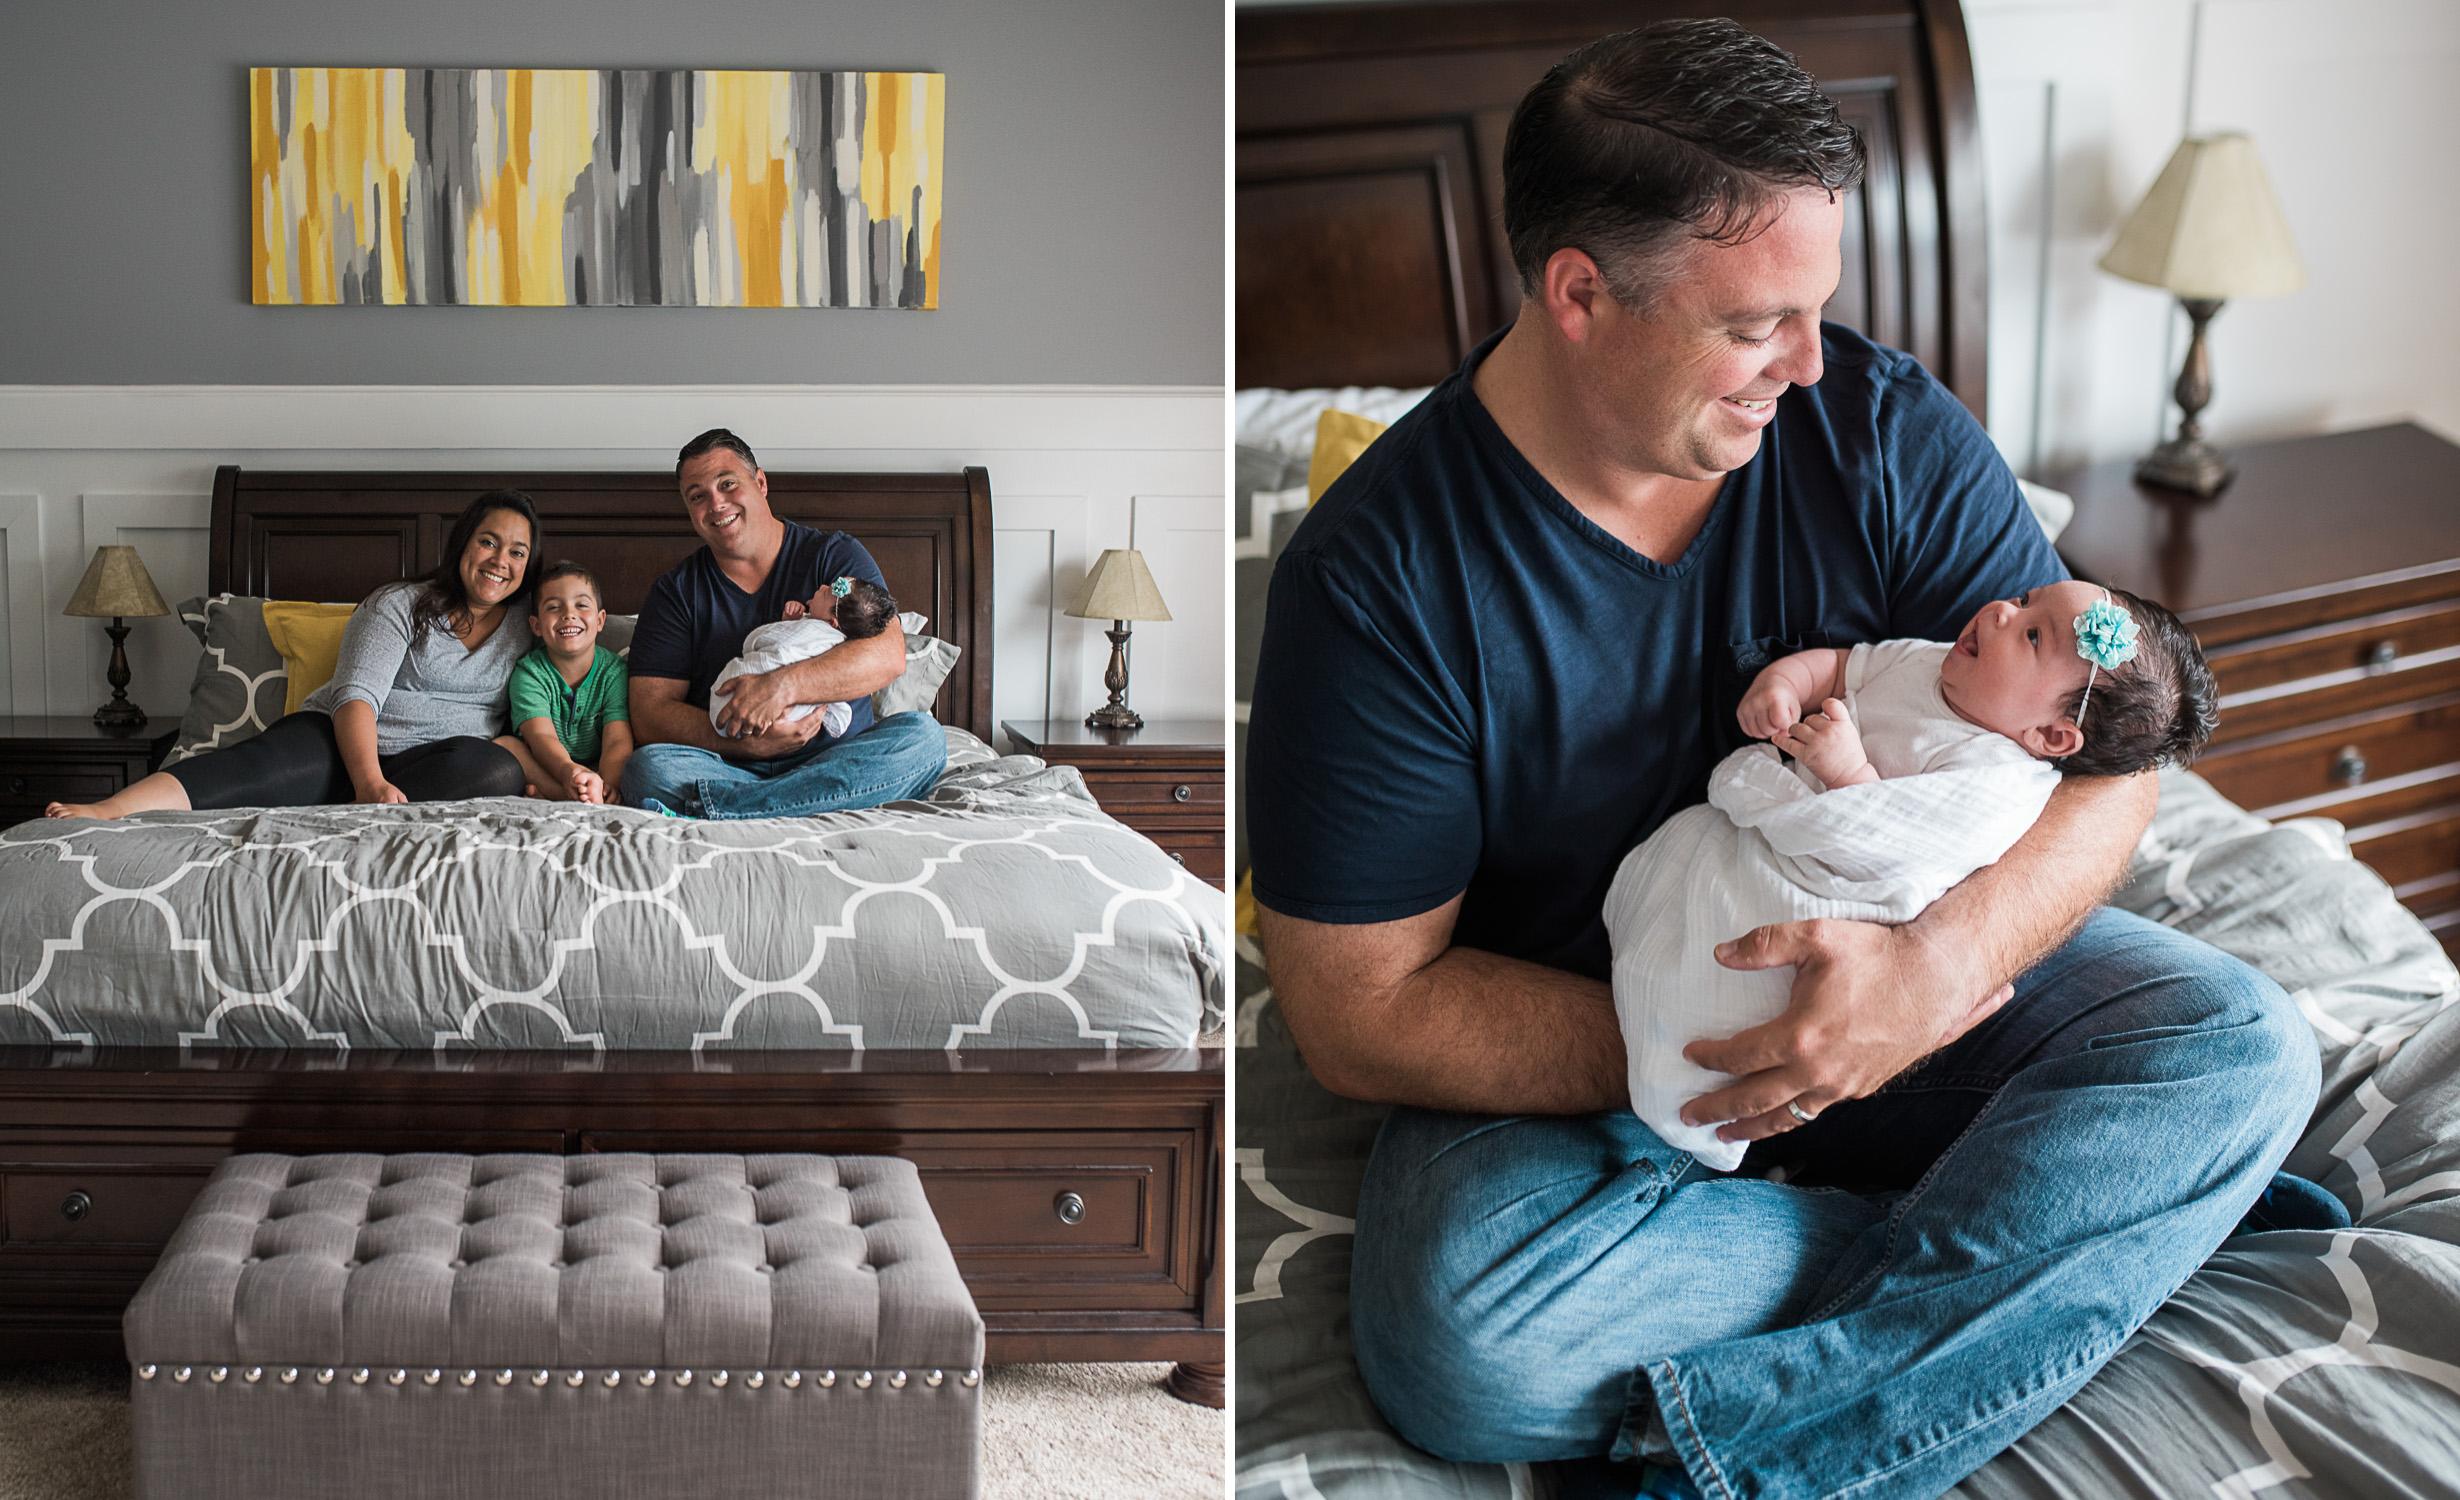 3-Maryland-Newborn-Photographer-Lifestyle-Session-By-Breanna-Kuhlmann-BKLP-Photos.jpg